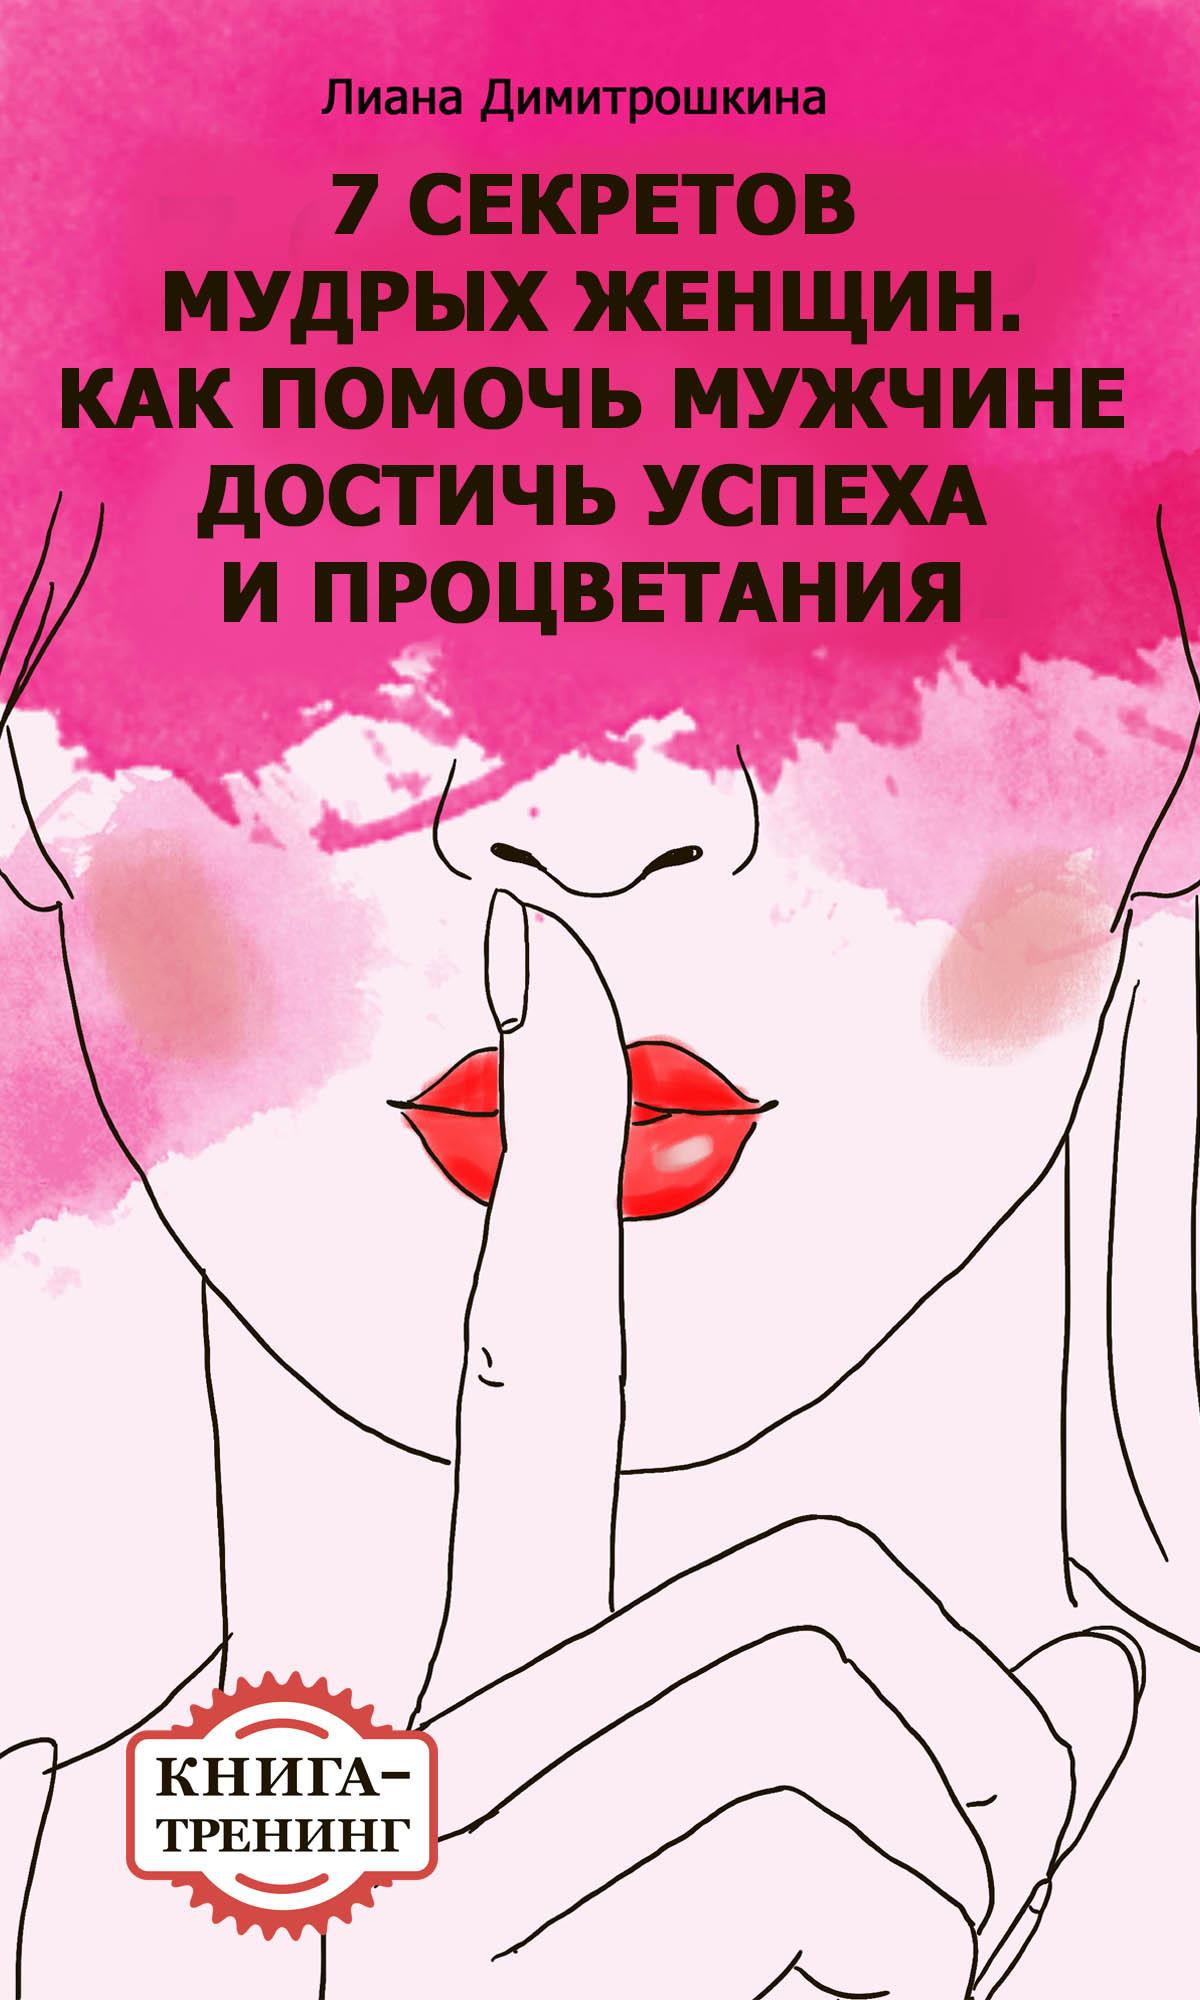 7 секретов мудрых женщин. Как помочь мужчине достичь успеха и процветания. Книга-тренинг